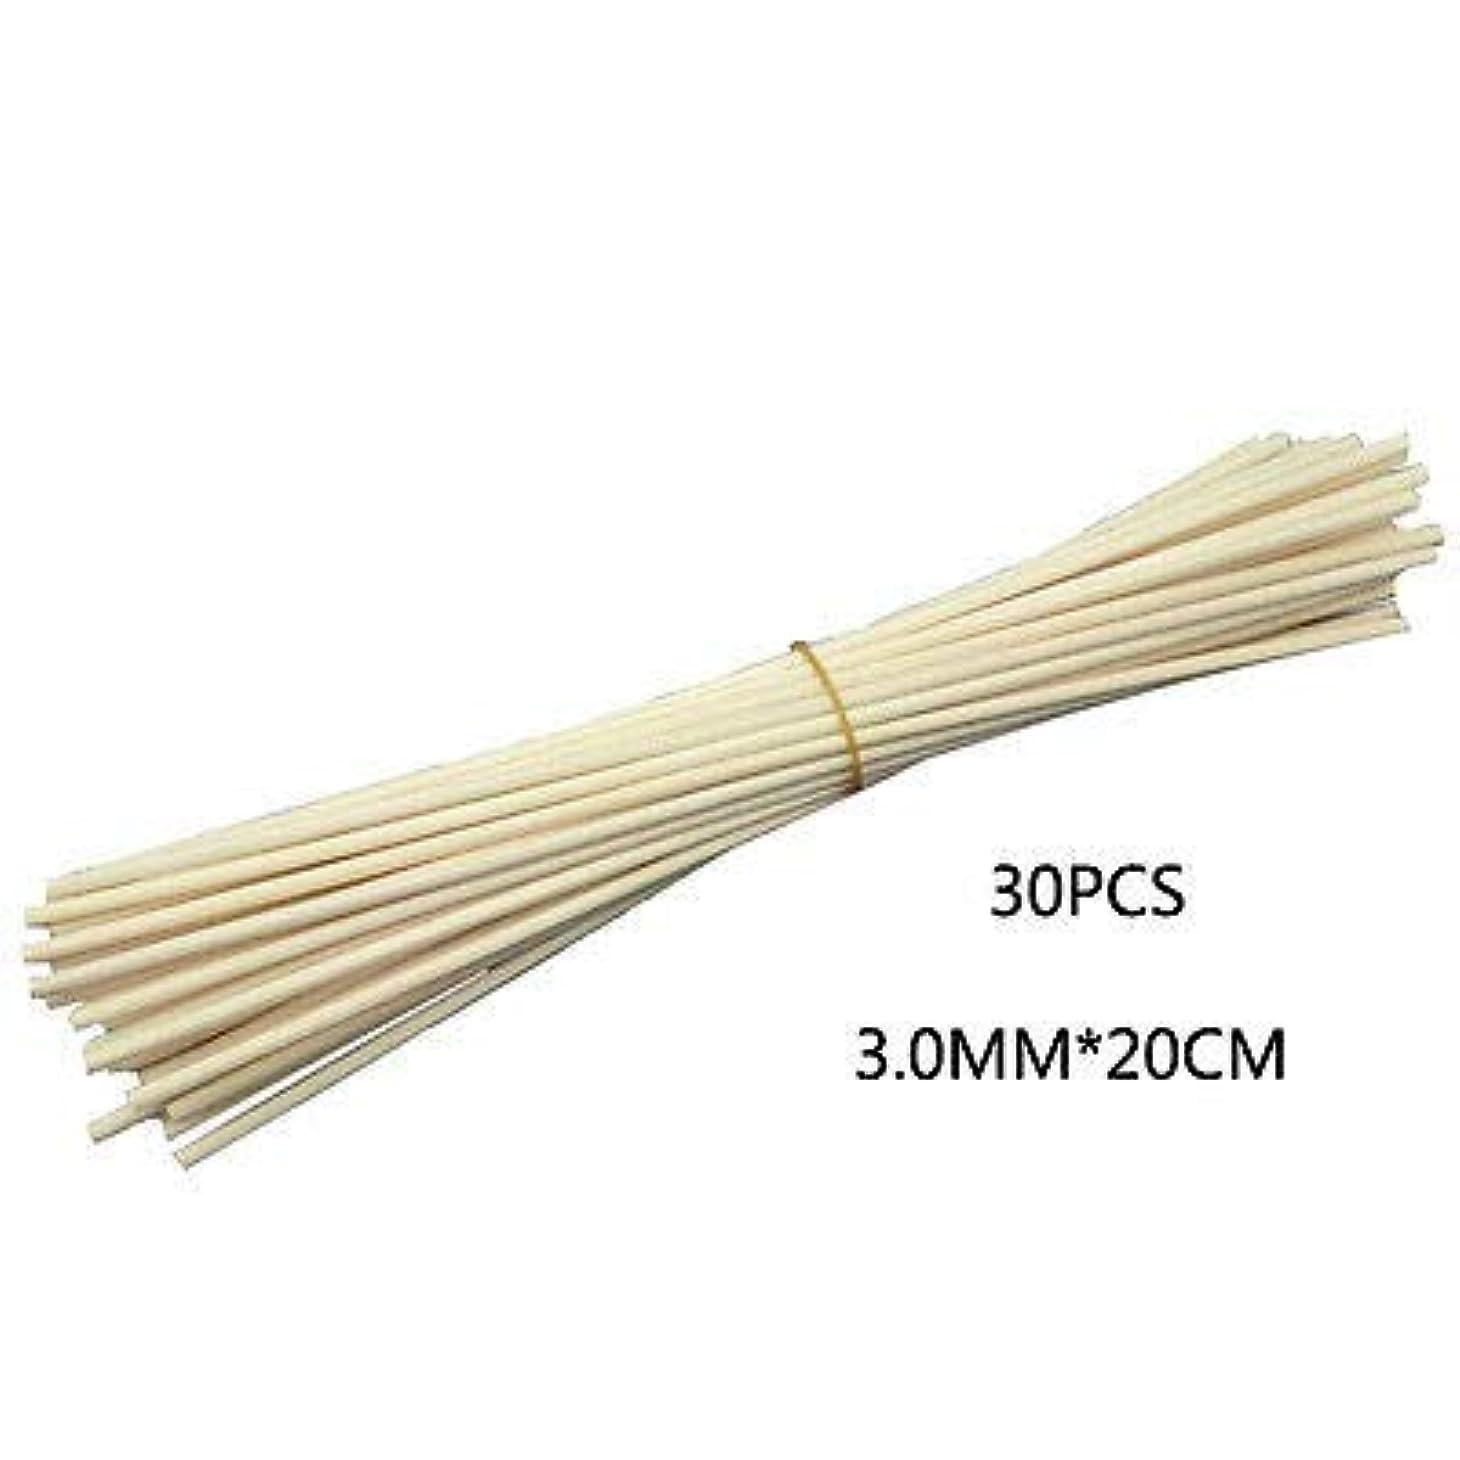 バスケットボール偶然の着実にFidgetGear 30Pcs/100Pcs Reed Fragrance Oil Diffuser Rattan Sticks Aroma Rattan Wooden 30 Pcs